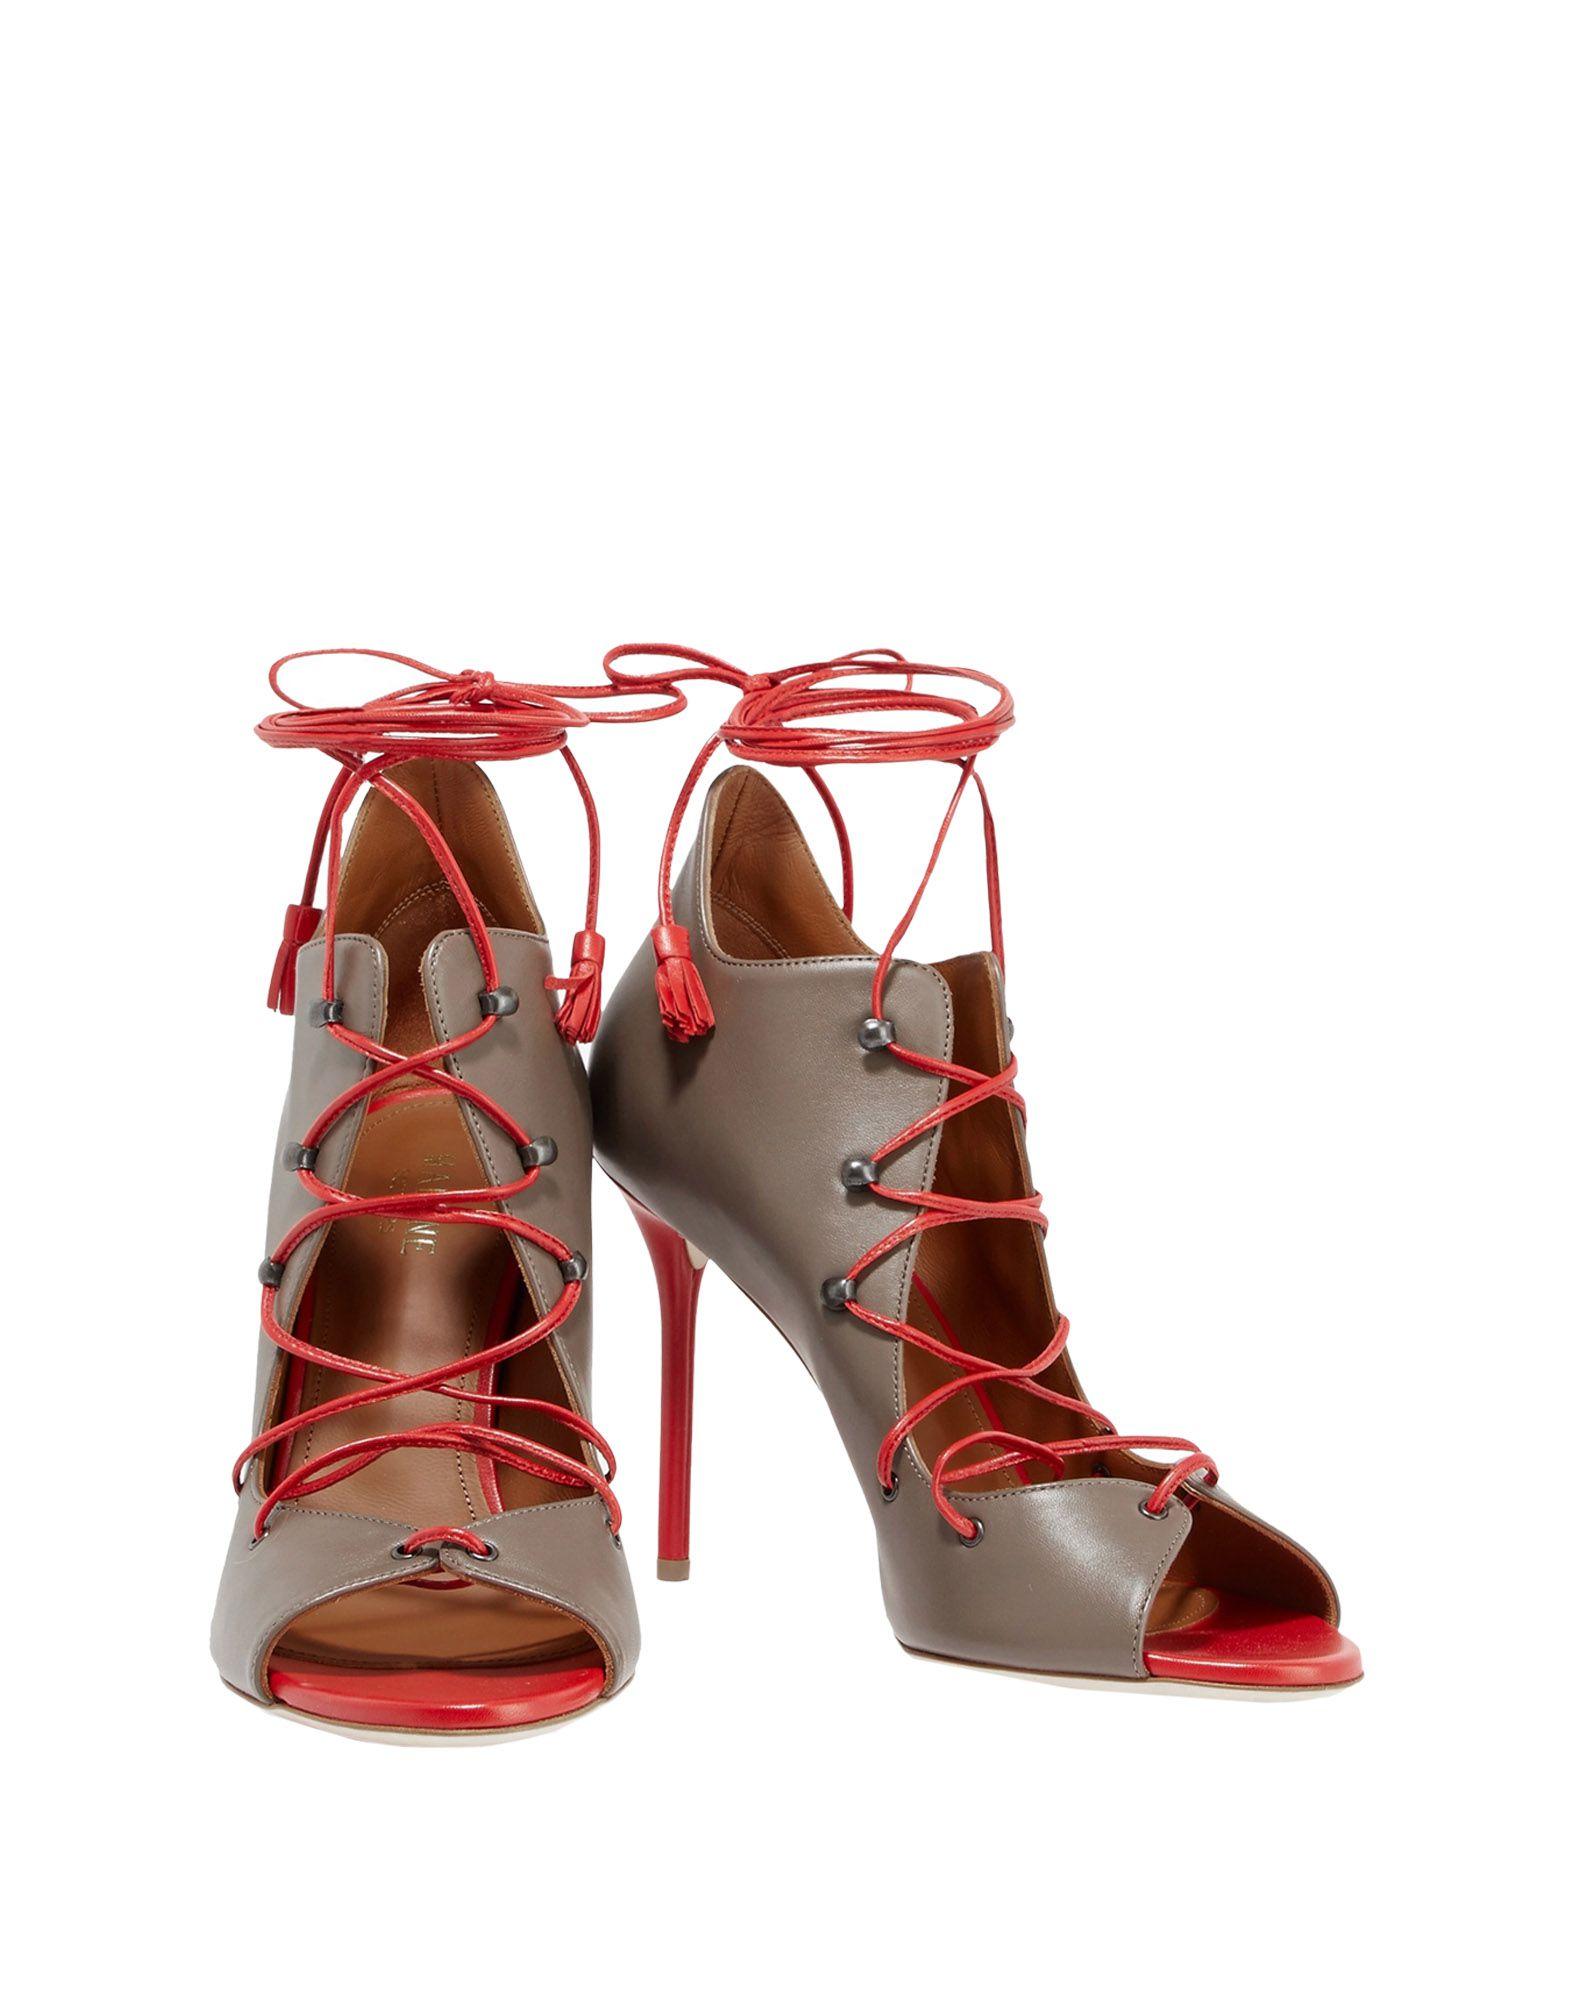 Malone Souliers Sandalen Damen  11484903KKGut aussehende strapazierfähige Schuhe